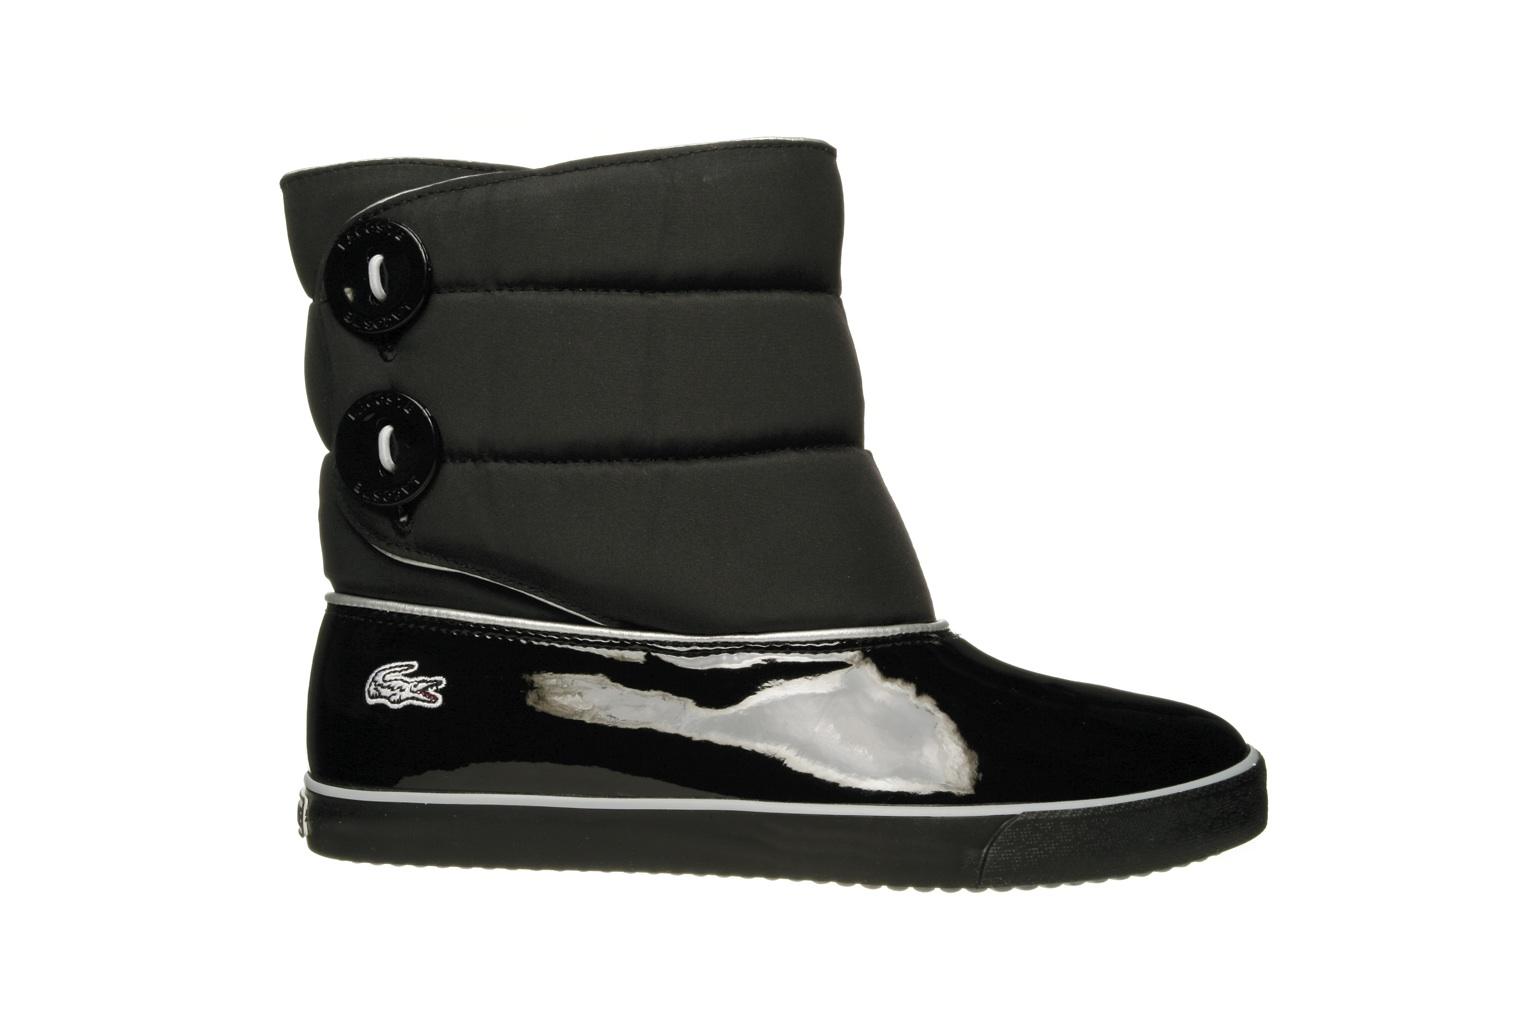 Unique Lacoste Aubina Womens Slip On Textile Wedge Snow Boots Shoes Black